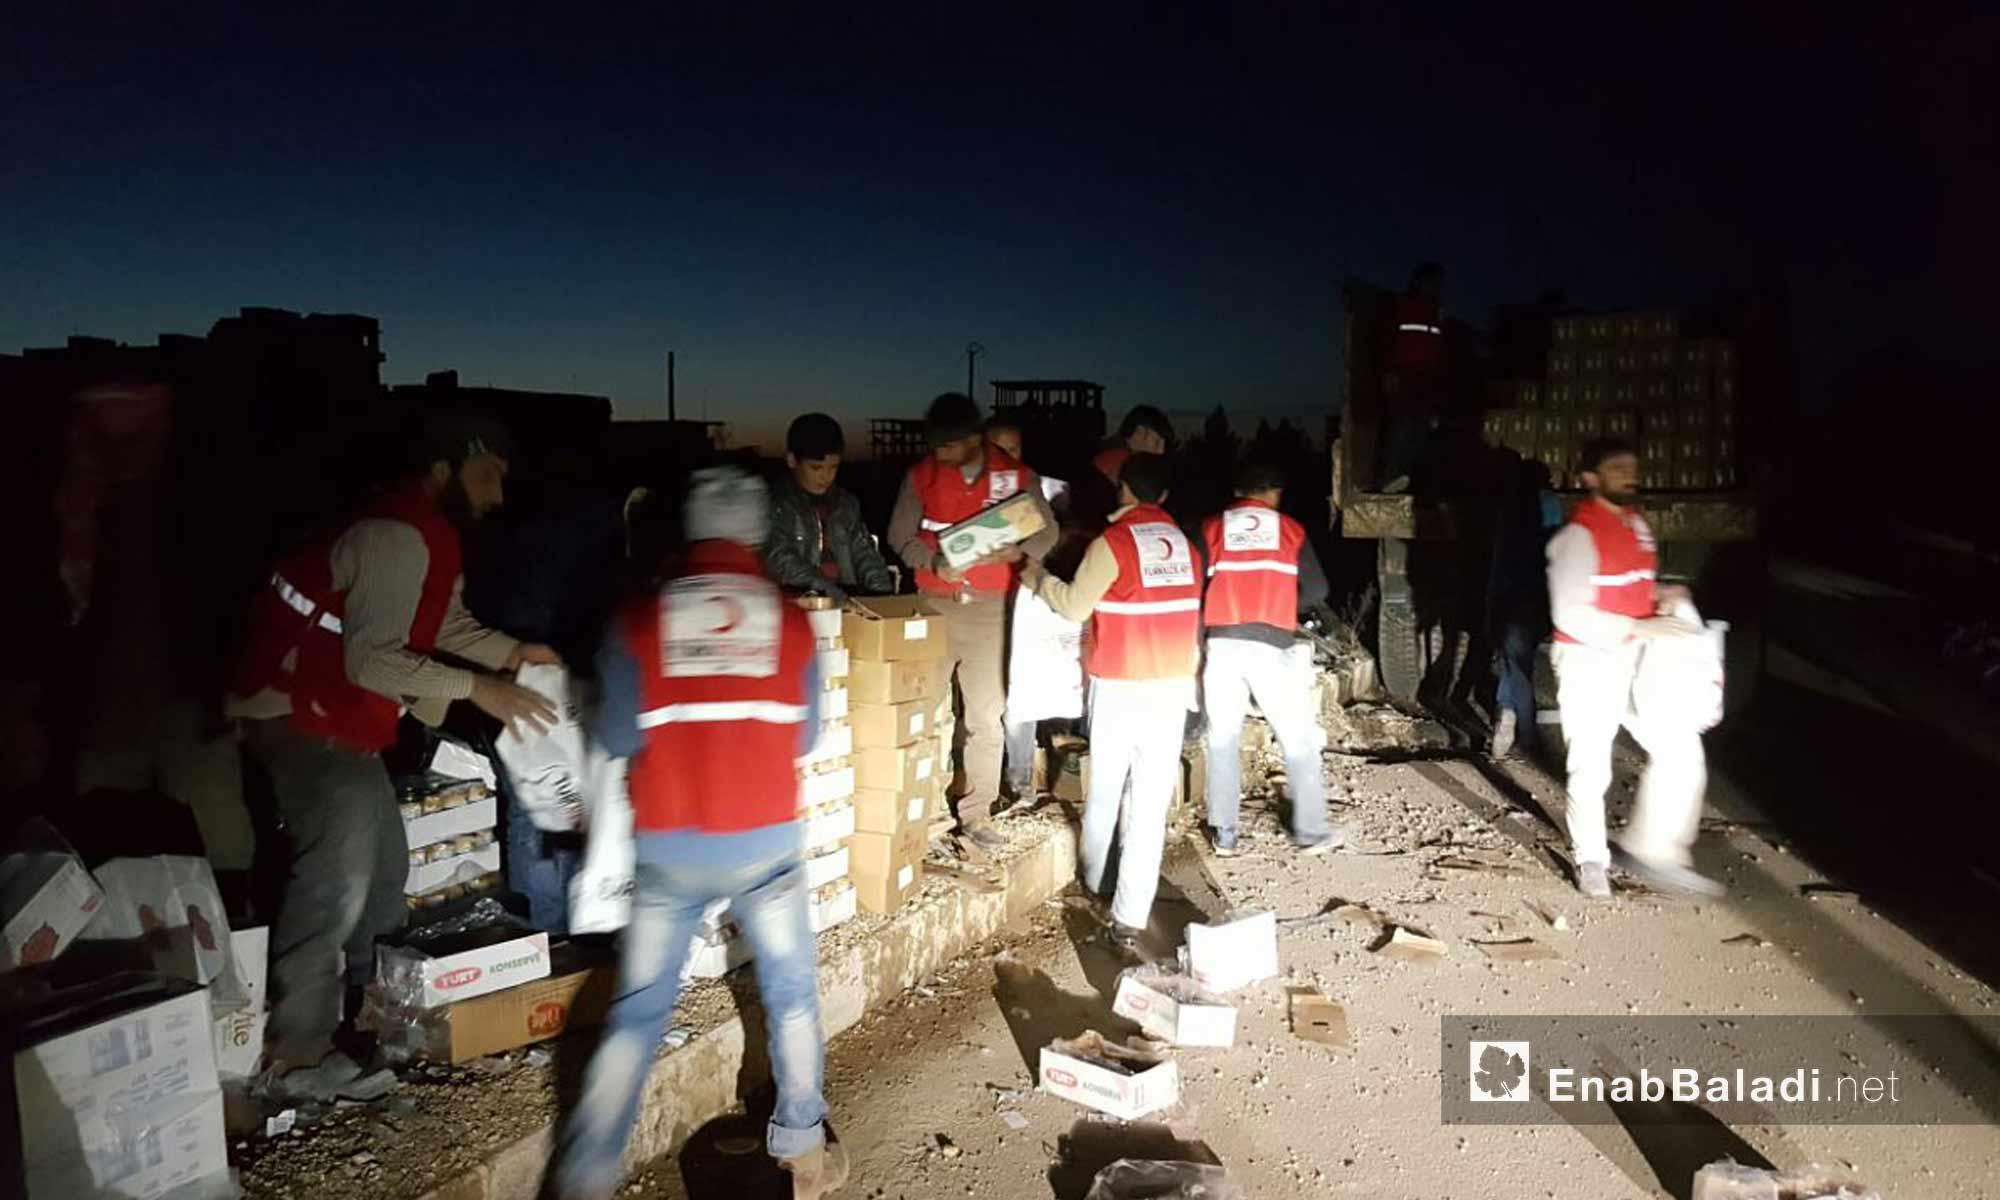 جانب من تجهيزات الهلال الأحمر التركي لاستقبال أهالي حي الوعر- 18 آذار 2017 -(عنب بلدي)